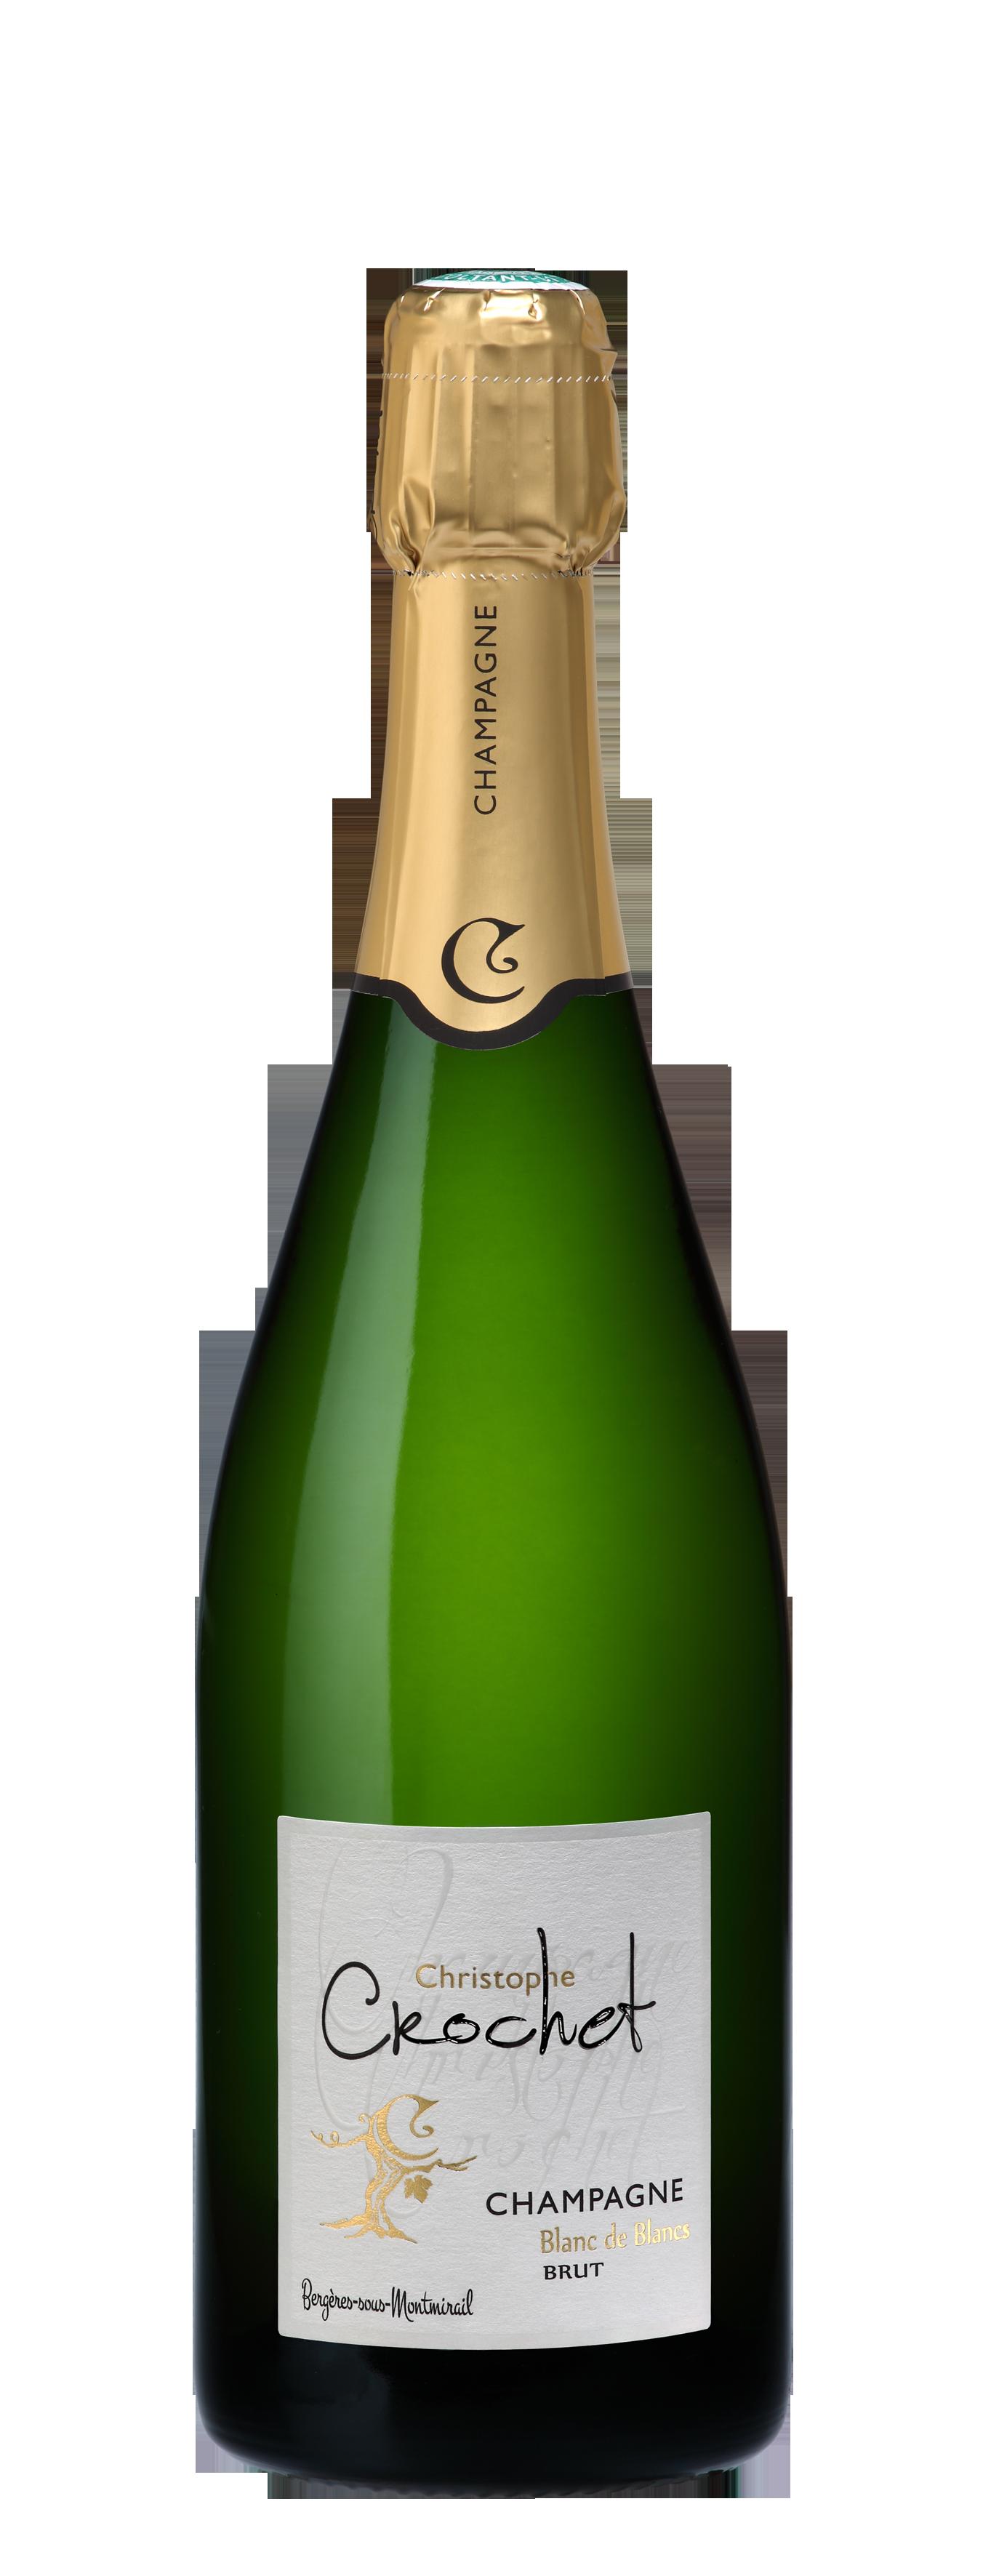 Brut Blanc de Blanc Champagner Christophe Crochet